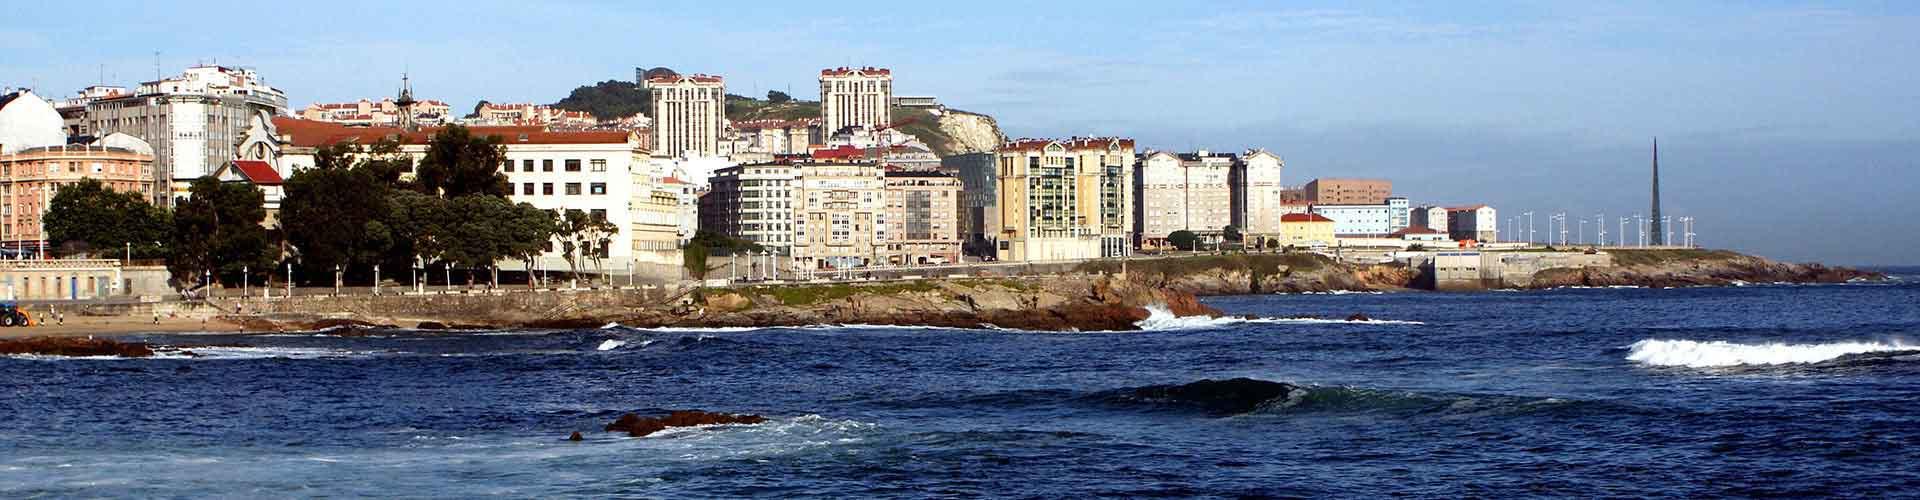 La Coruña - Albergues Juveniles  en La Coruña. Mapas de La Coruña, Fotos y Comentarios para cada Albergue Juvenil en La Coruña.